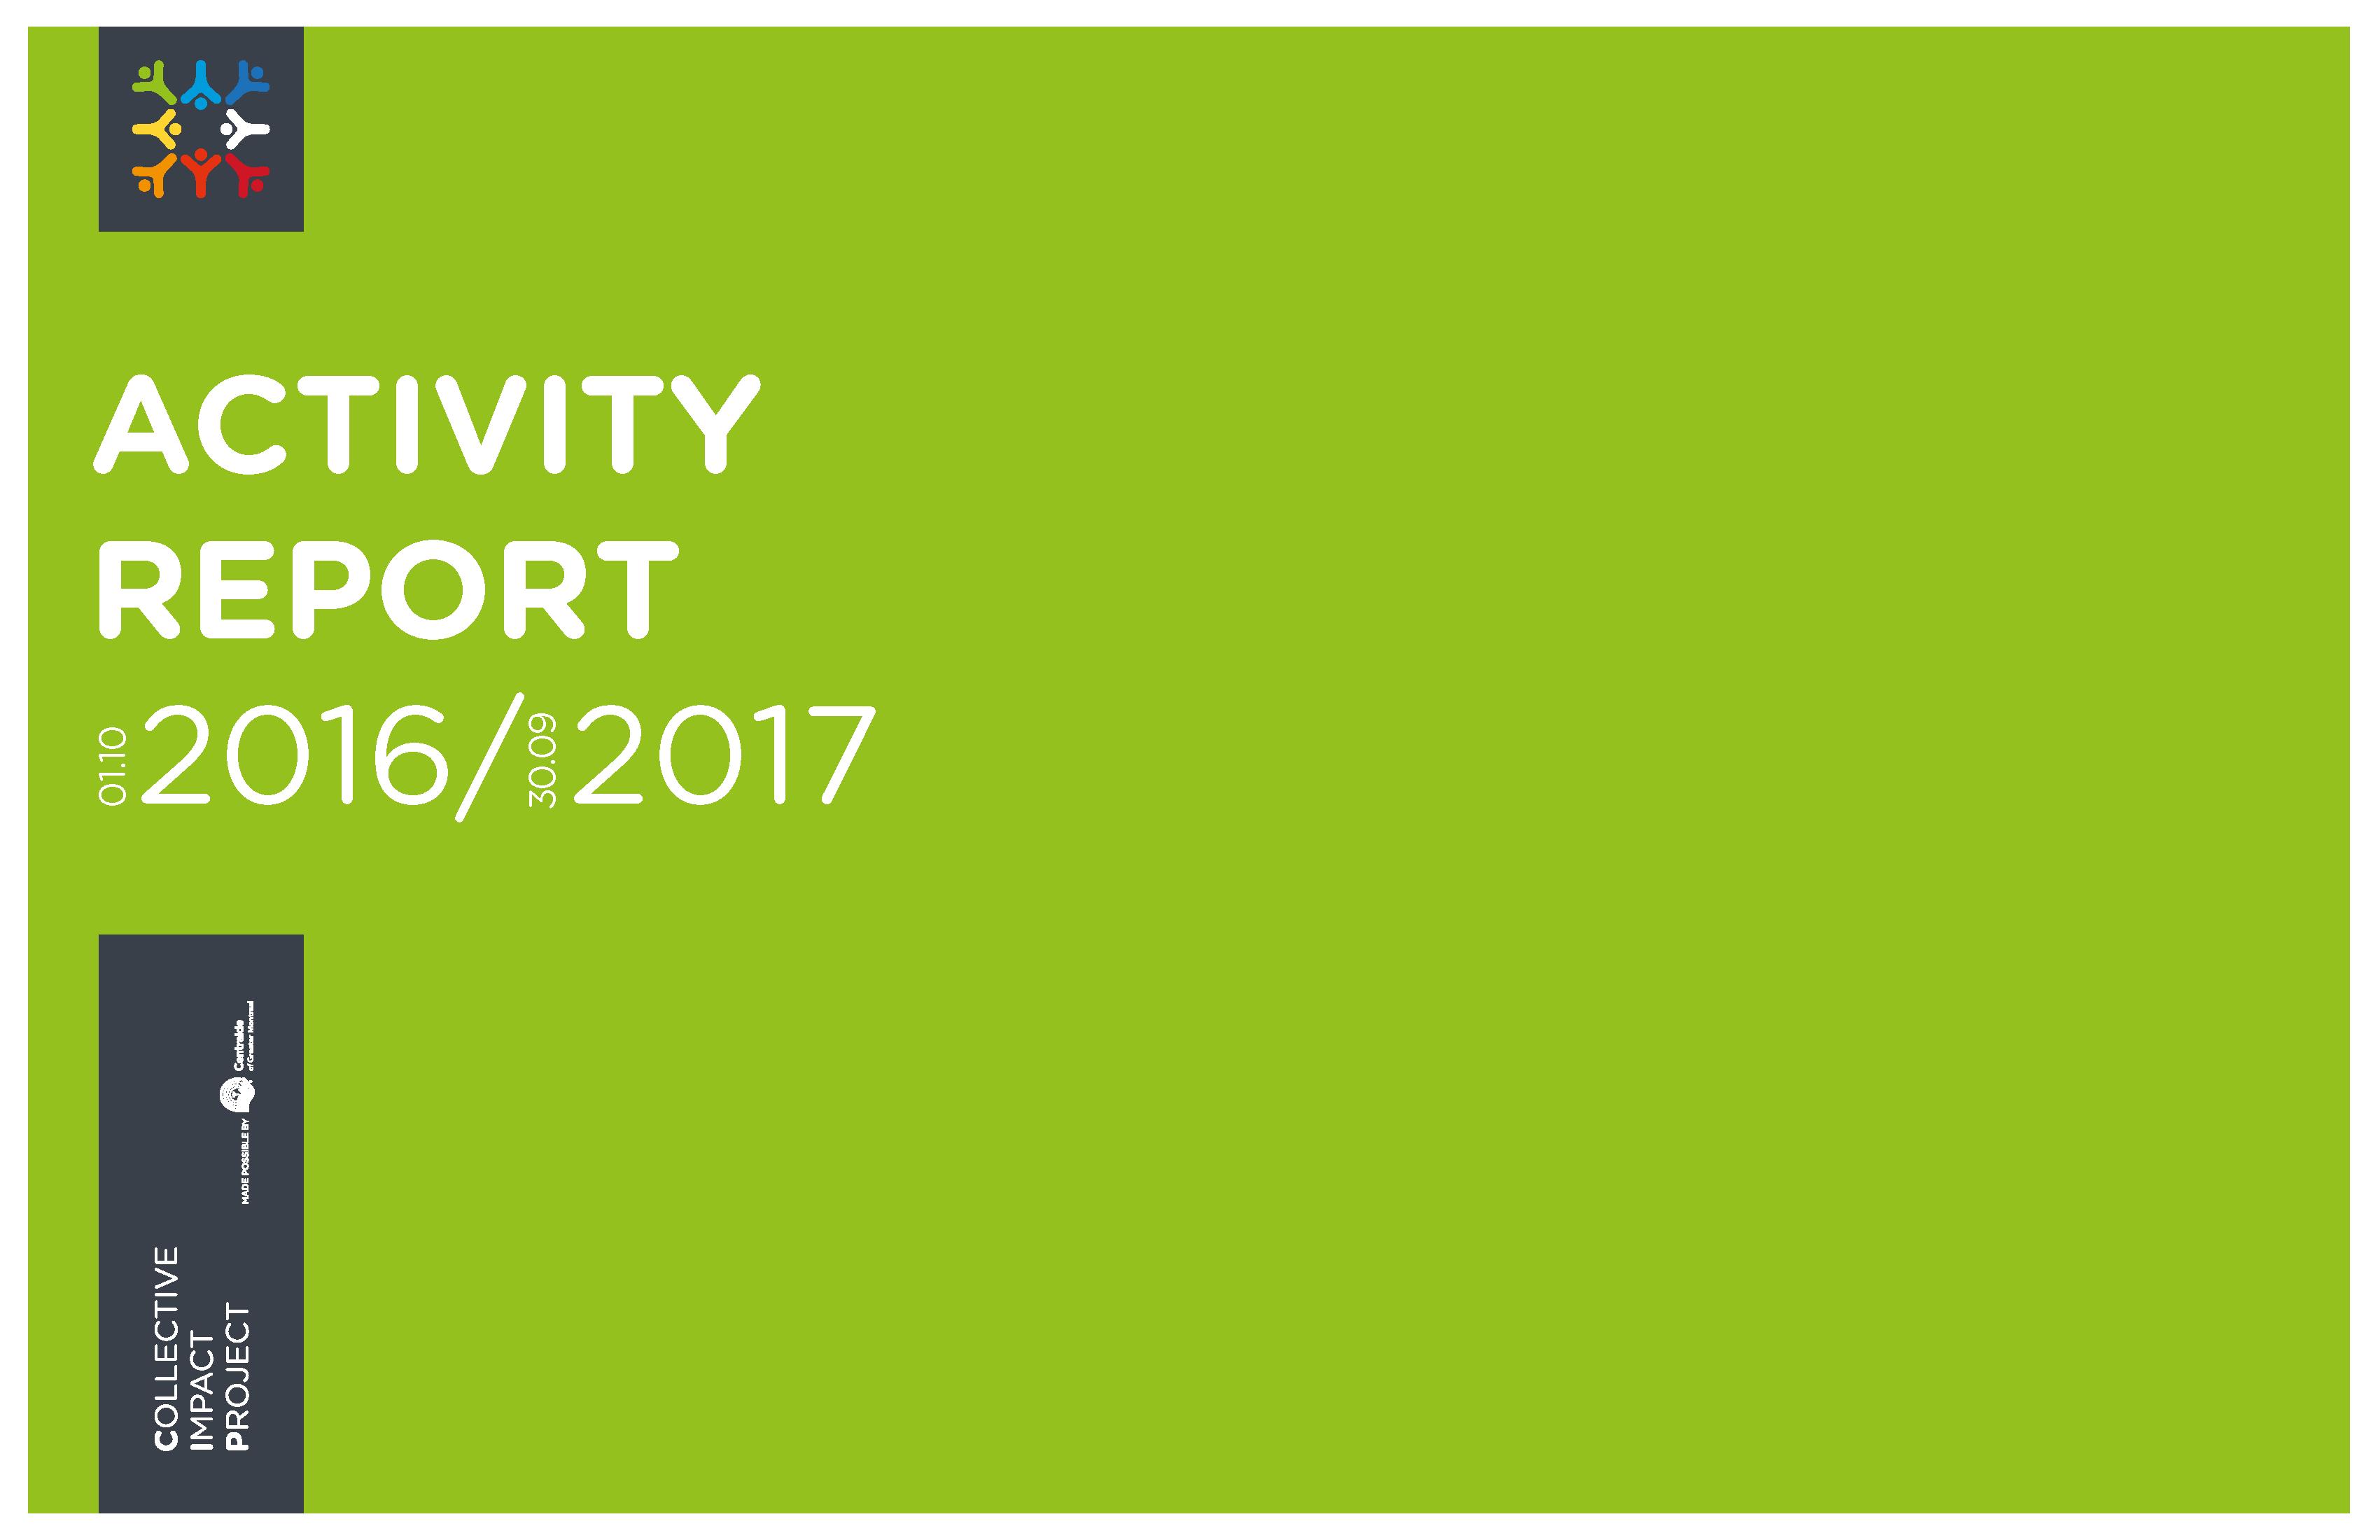 picrapportactivite_2016-2017-en